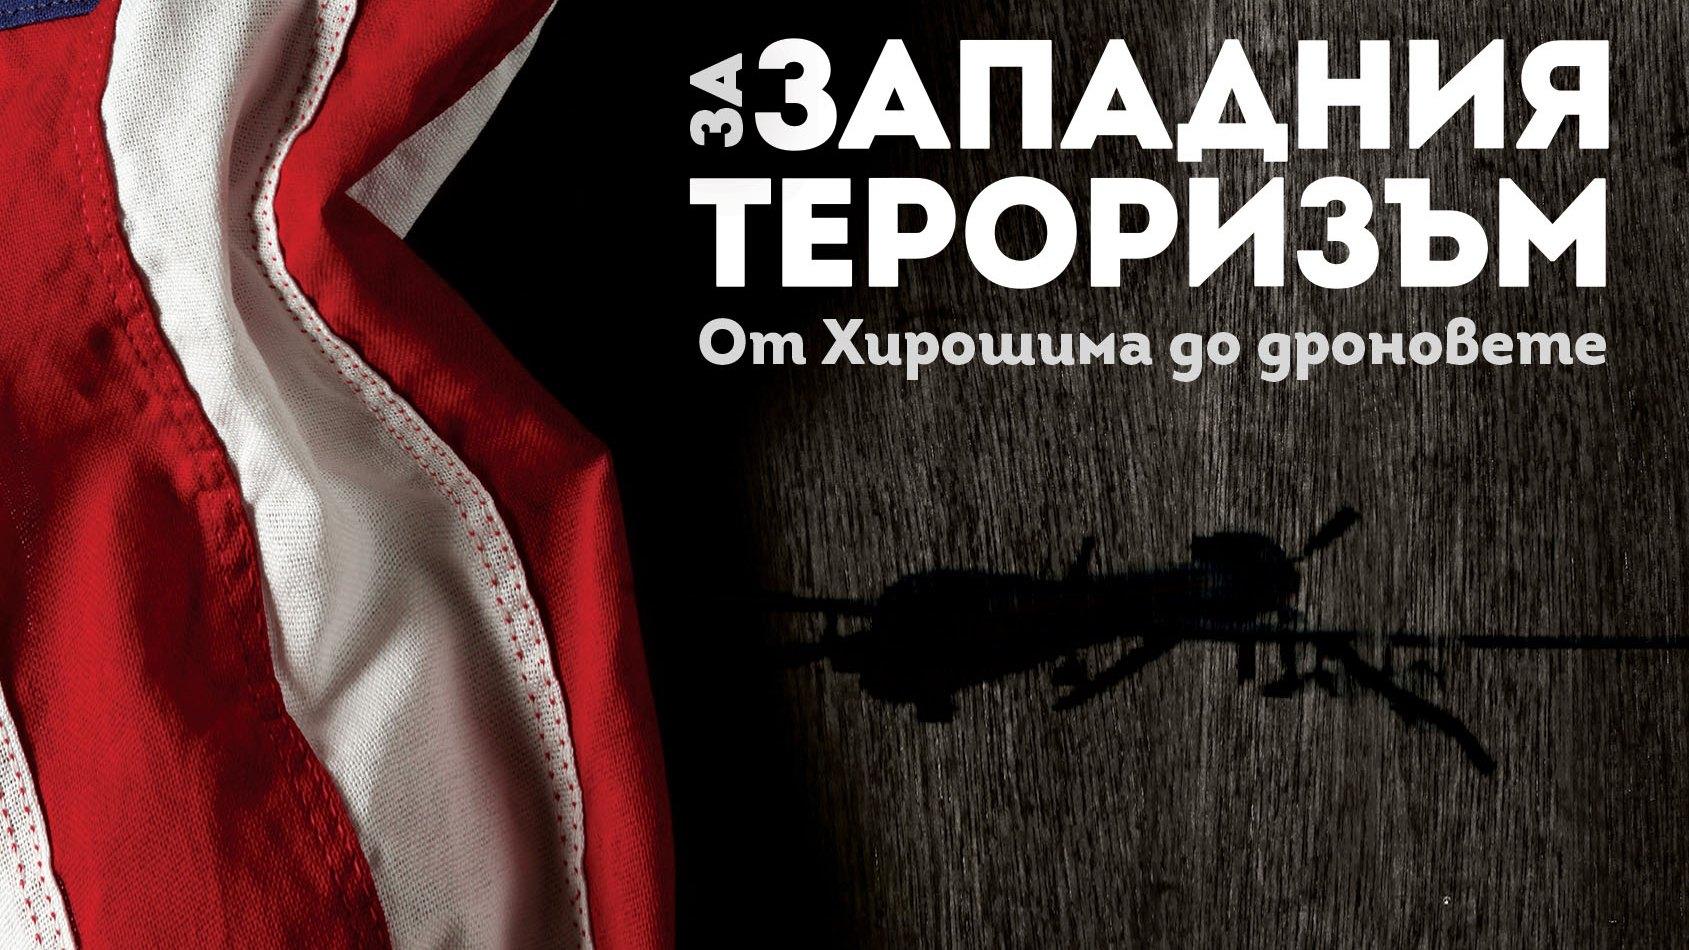 """""""За западния тероризъм – от Хирошима до дроновете"""" и """"справедливите"""" войни"""